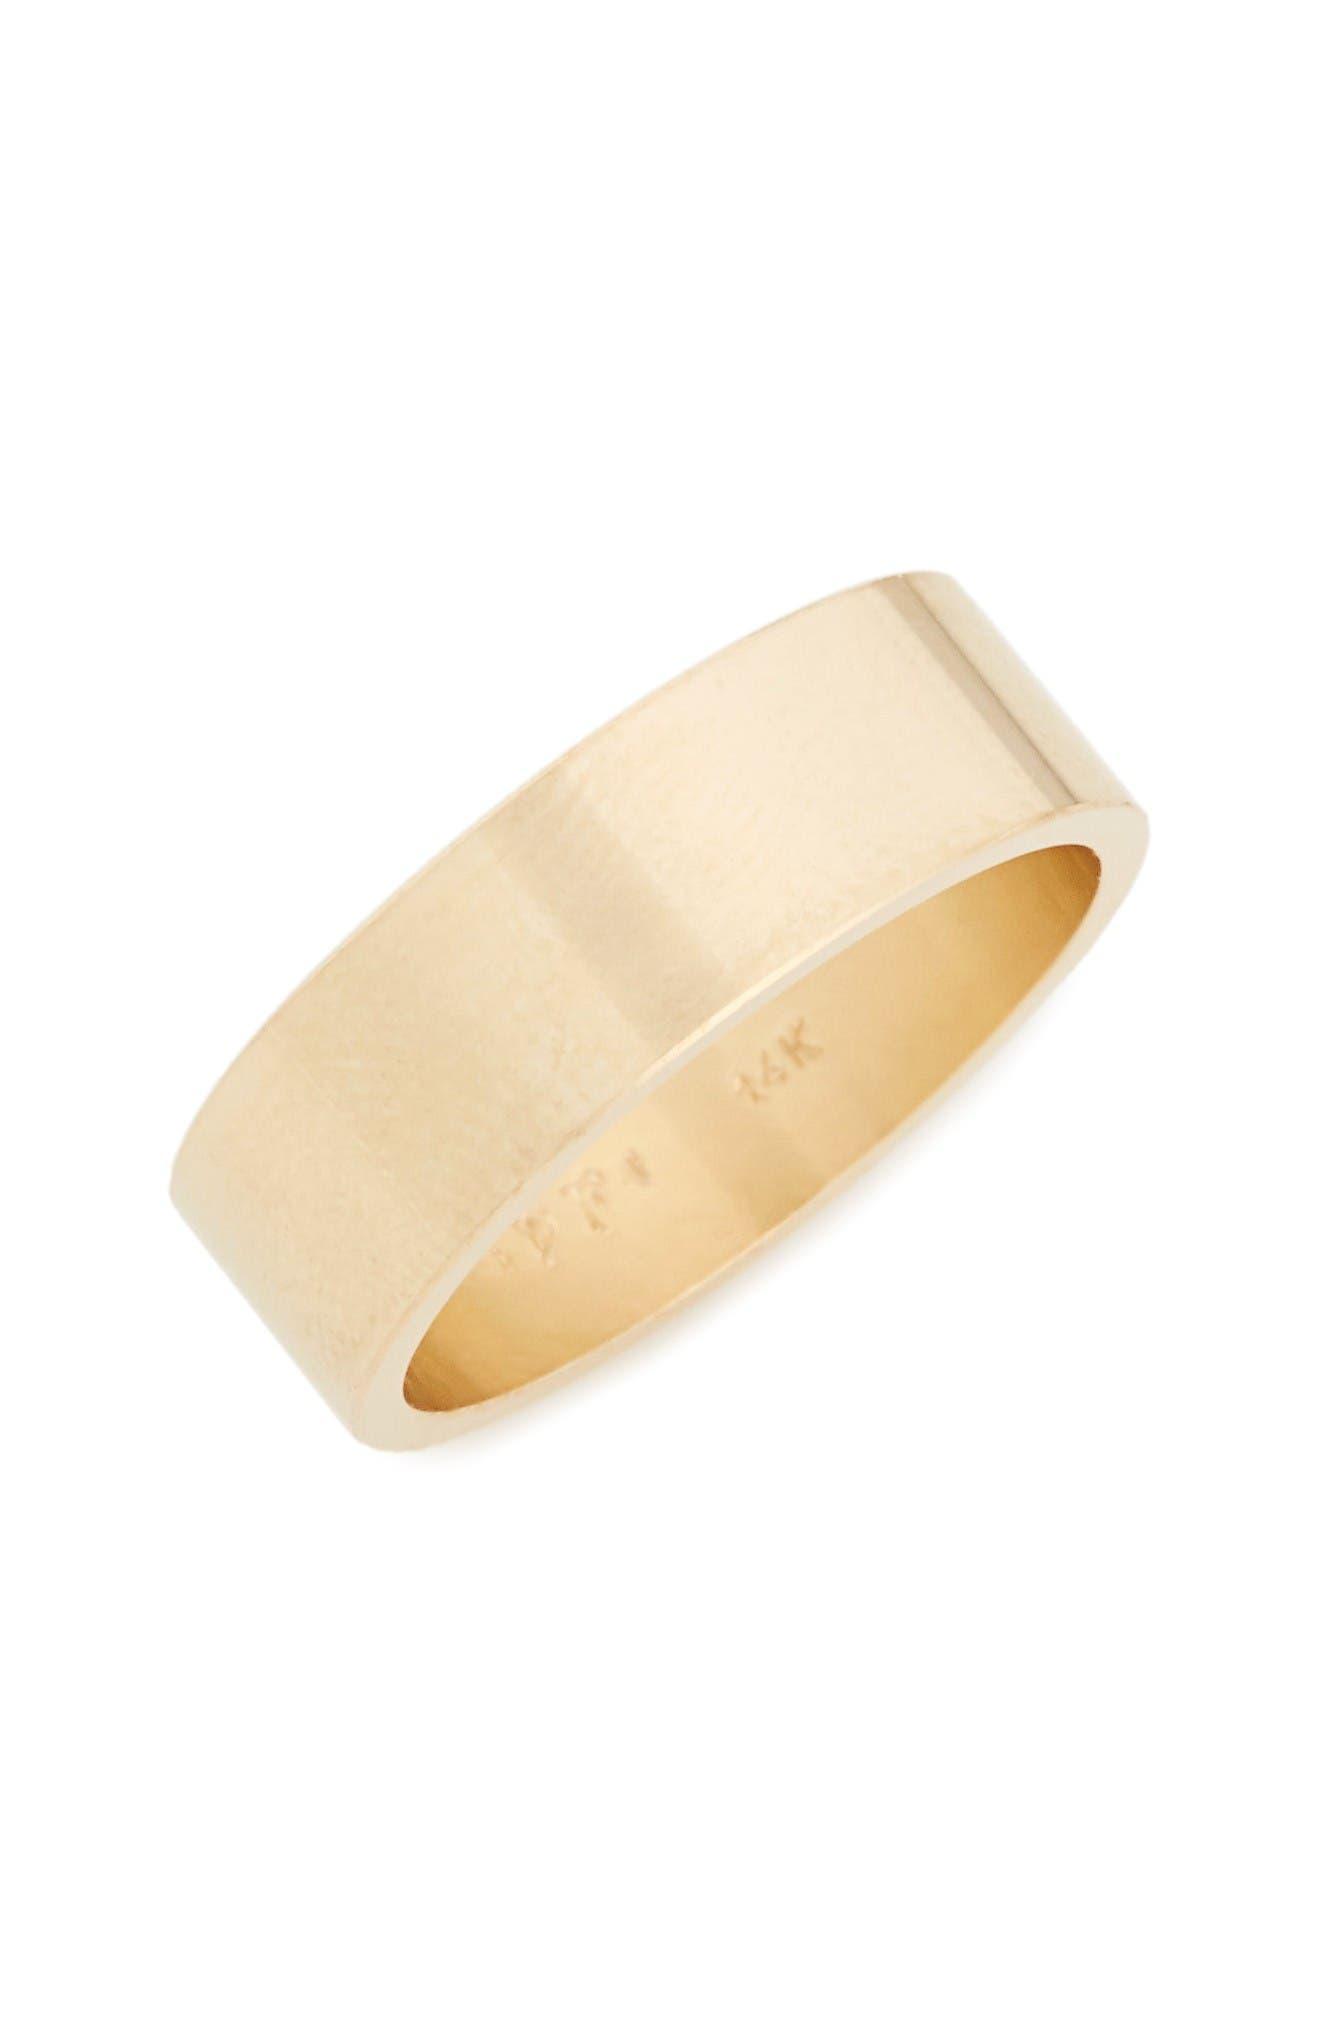 POPPY FINCH Flat Band Ring